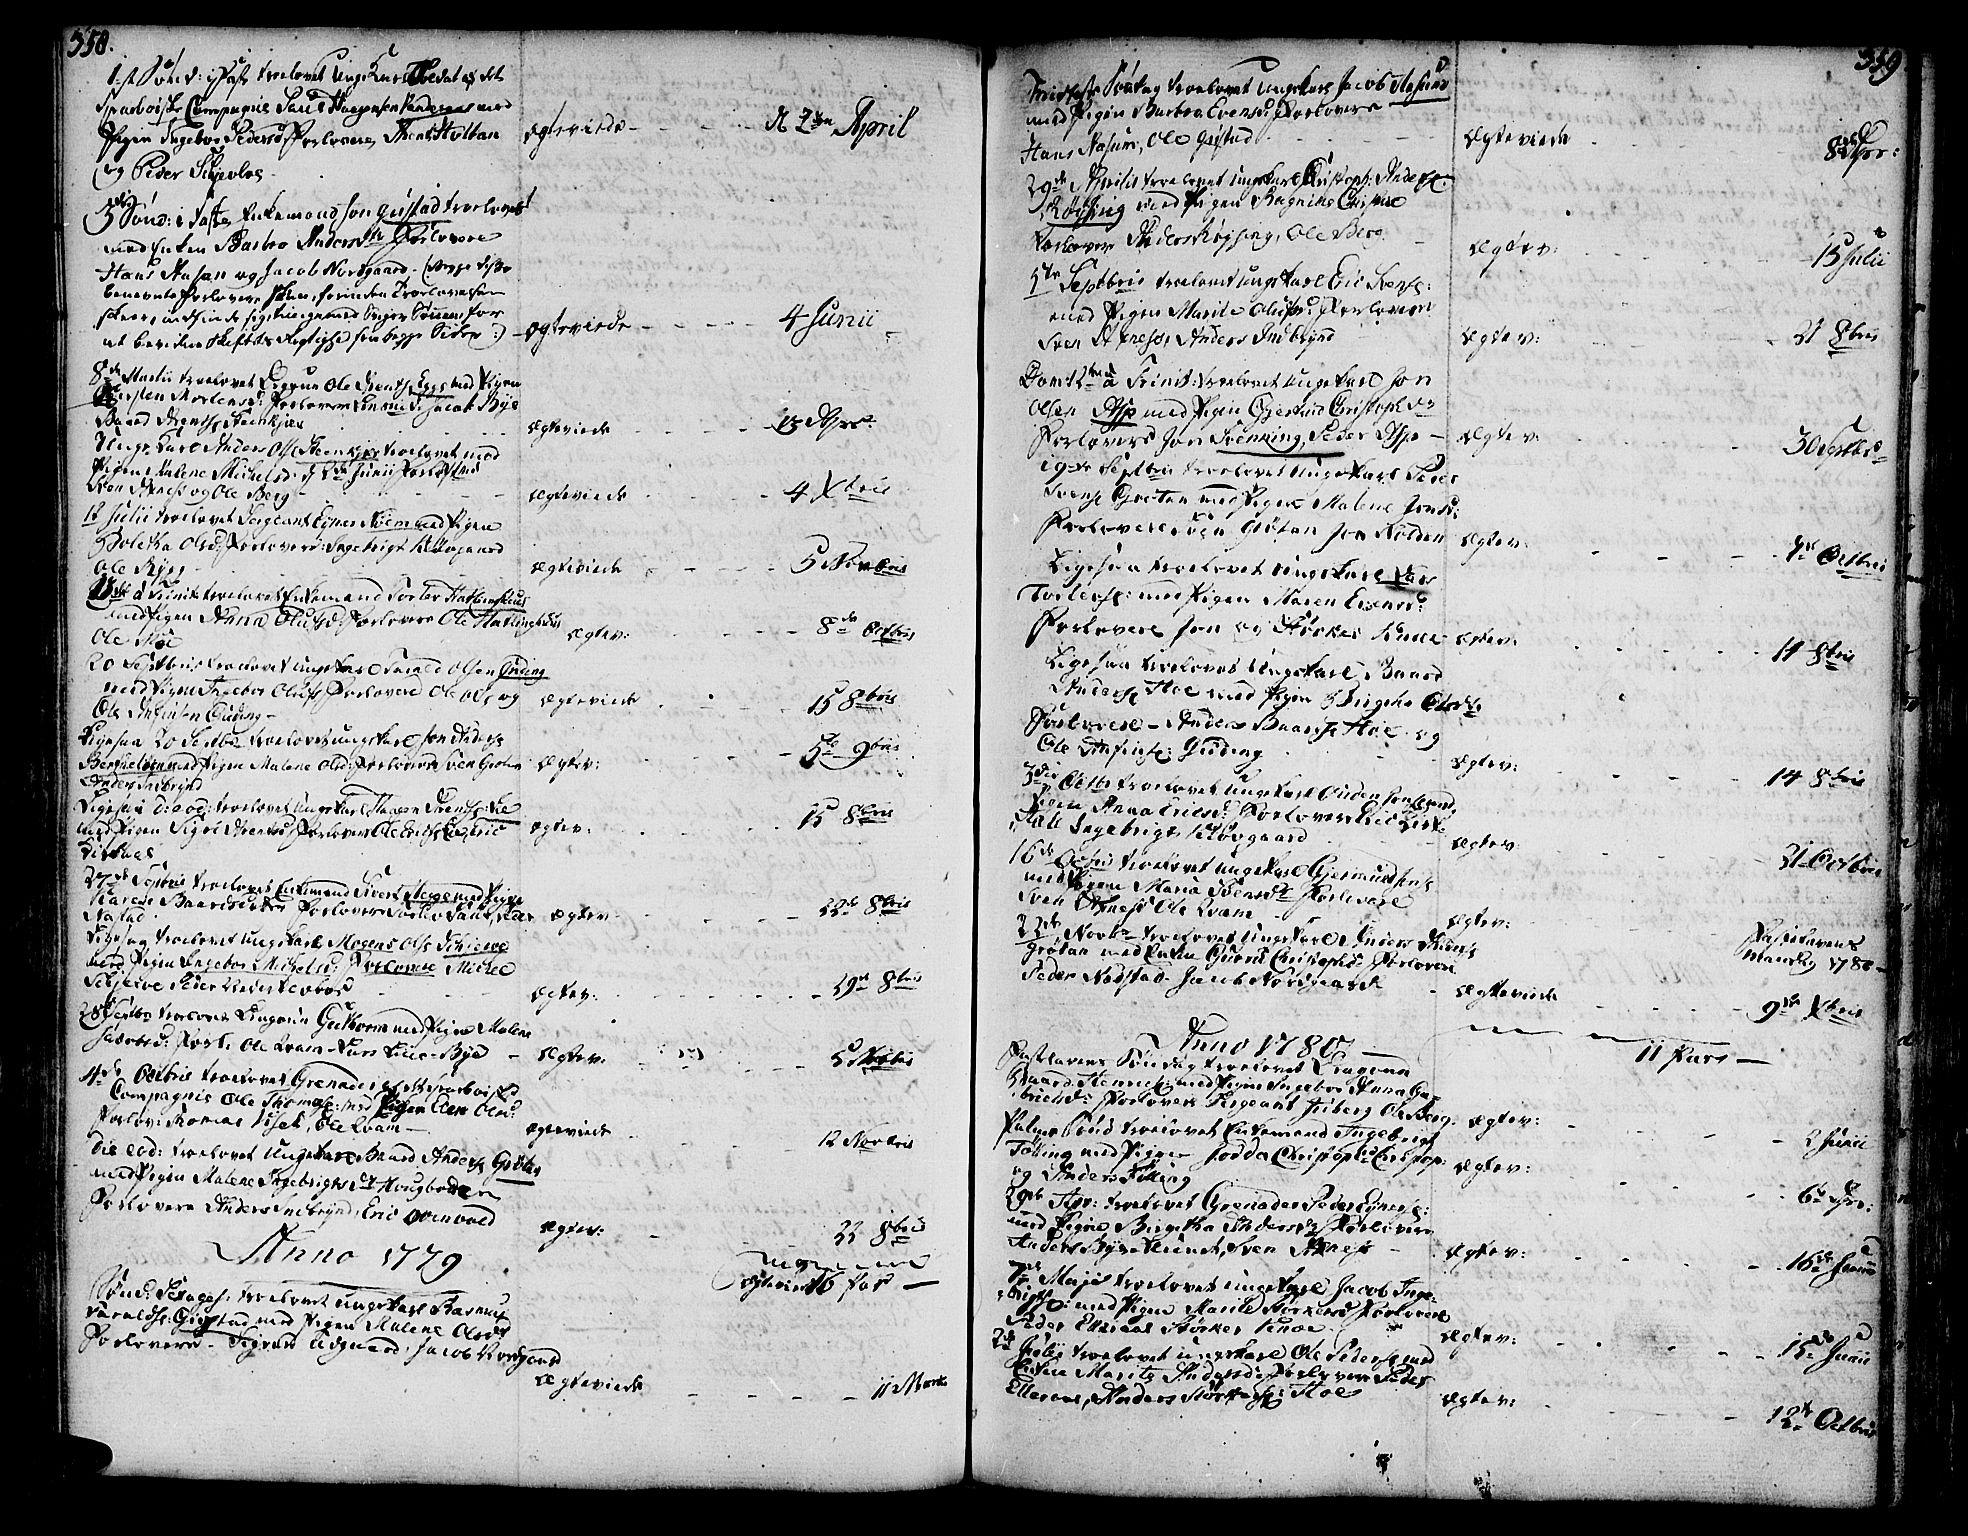 SAT, Ministerialprotokoller, klokkerbøker og fødselsregistre - Nord-Trøndelag, 746/L0440: Ministerialbok nr. 746A02, 1760-1815, s. 358-359